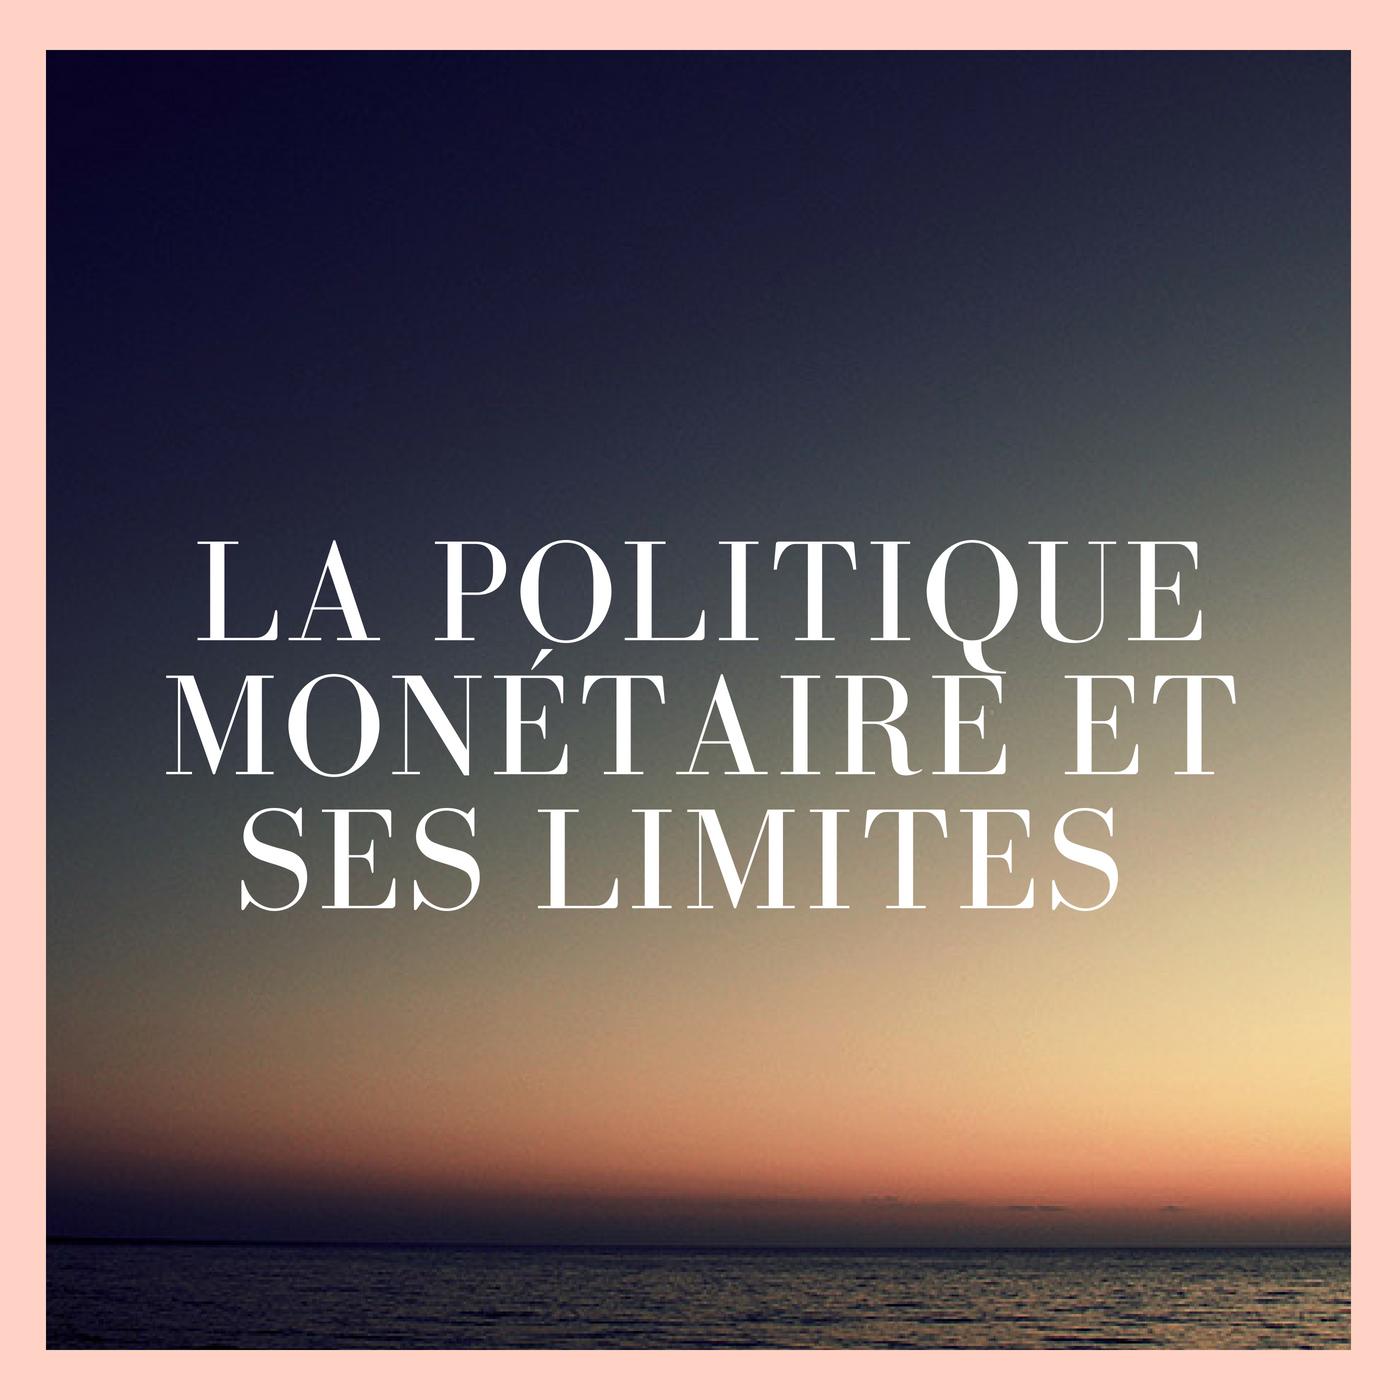 La politique monétaire et ses limites